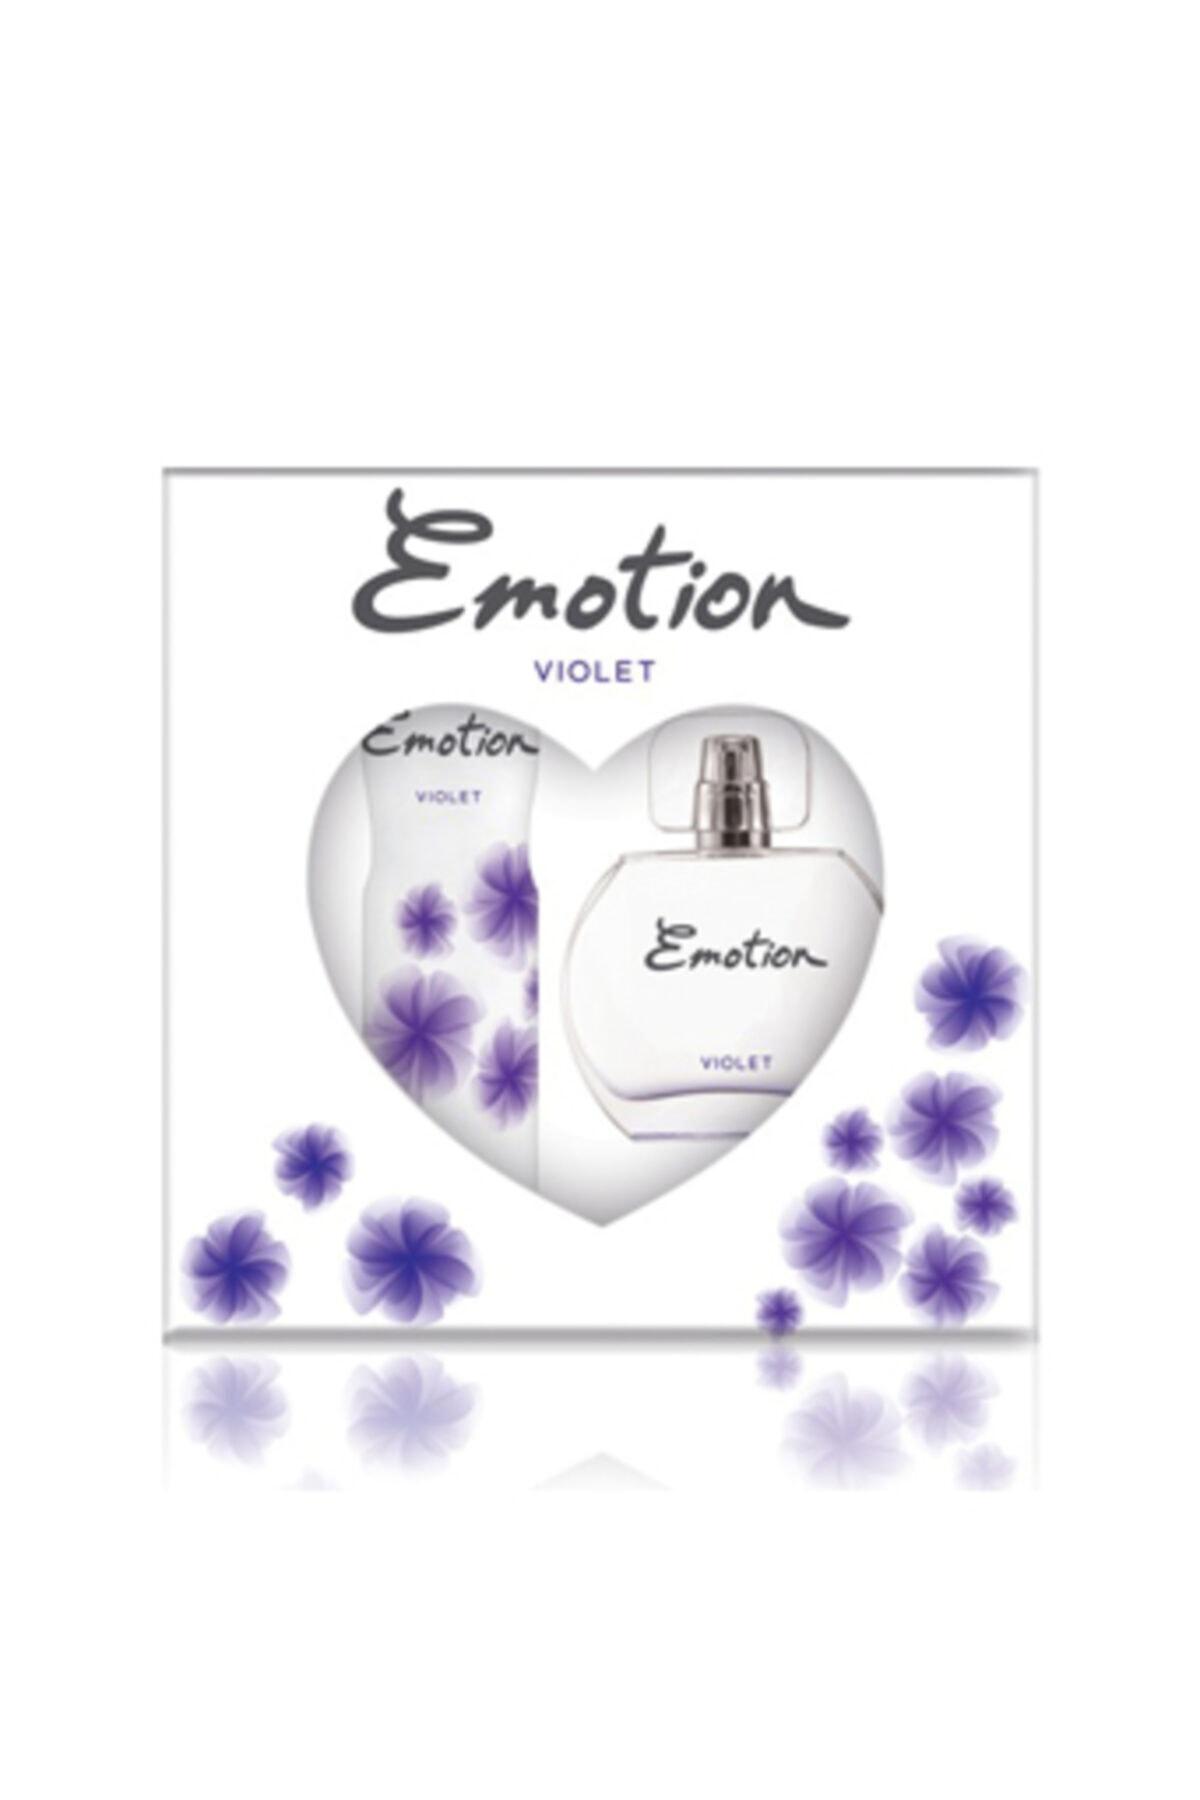 Emotion Violet Kadın Parfüm Edt 50 ml+deodorant 150 ml 1